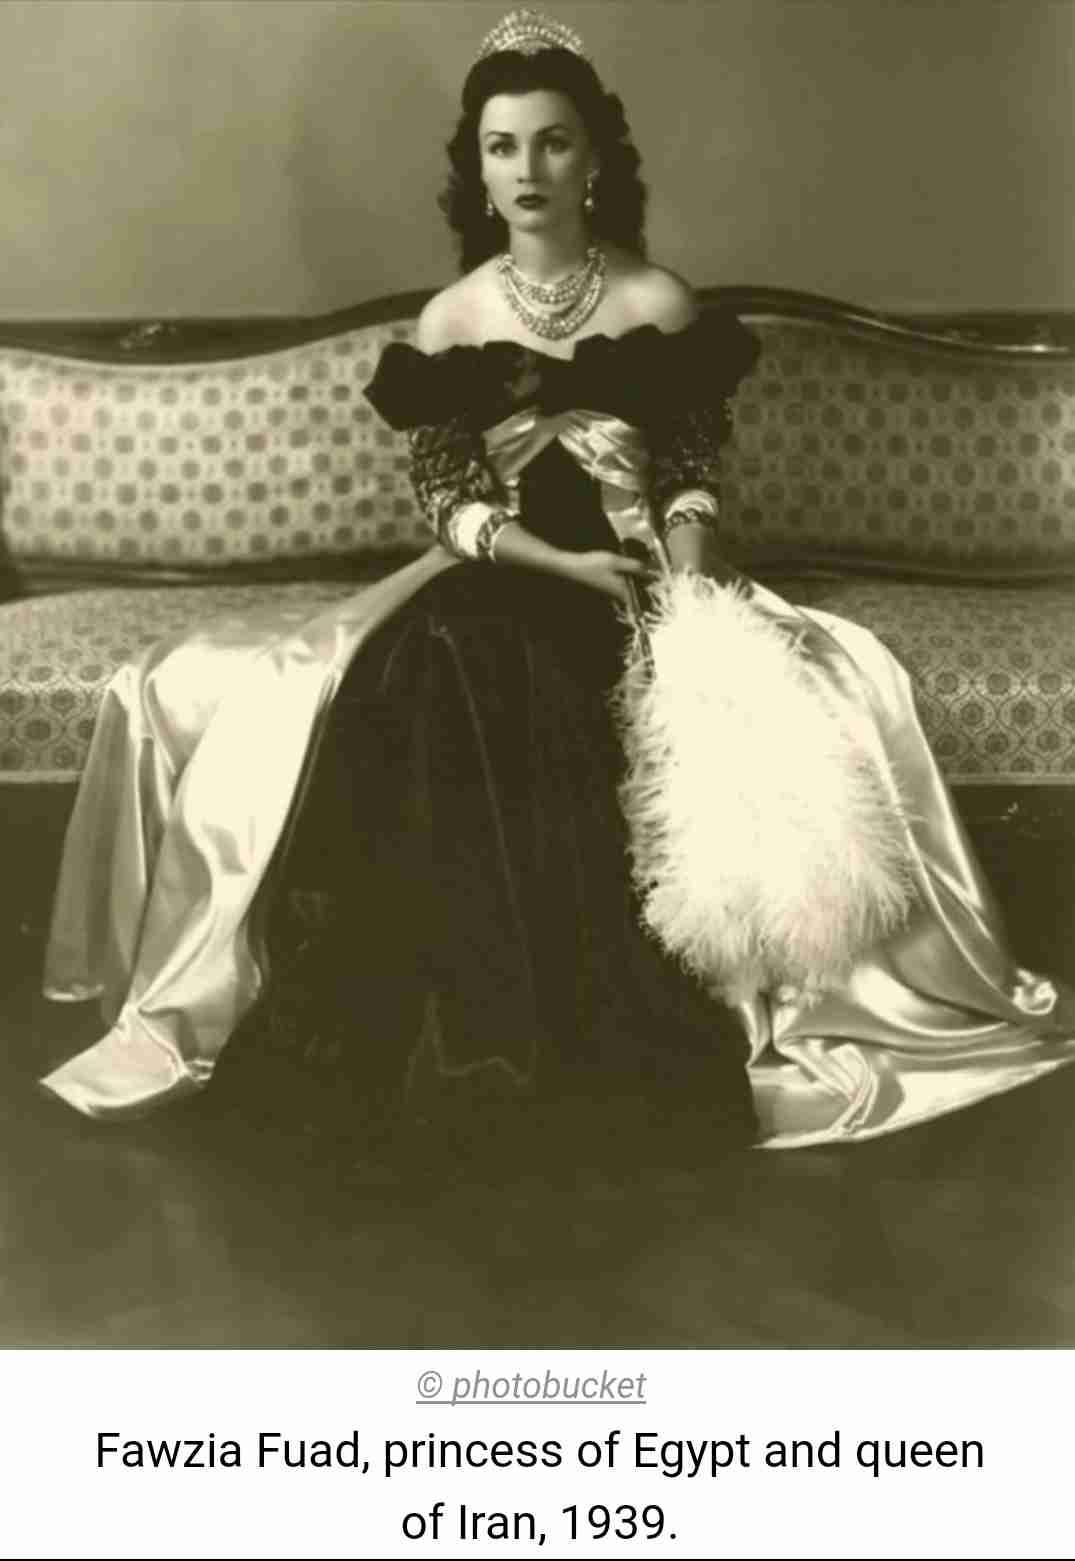 各国の色んな王妃の画像を貼るトピック